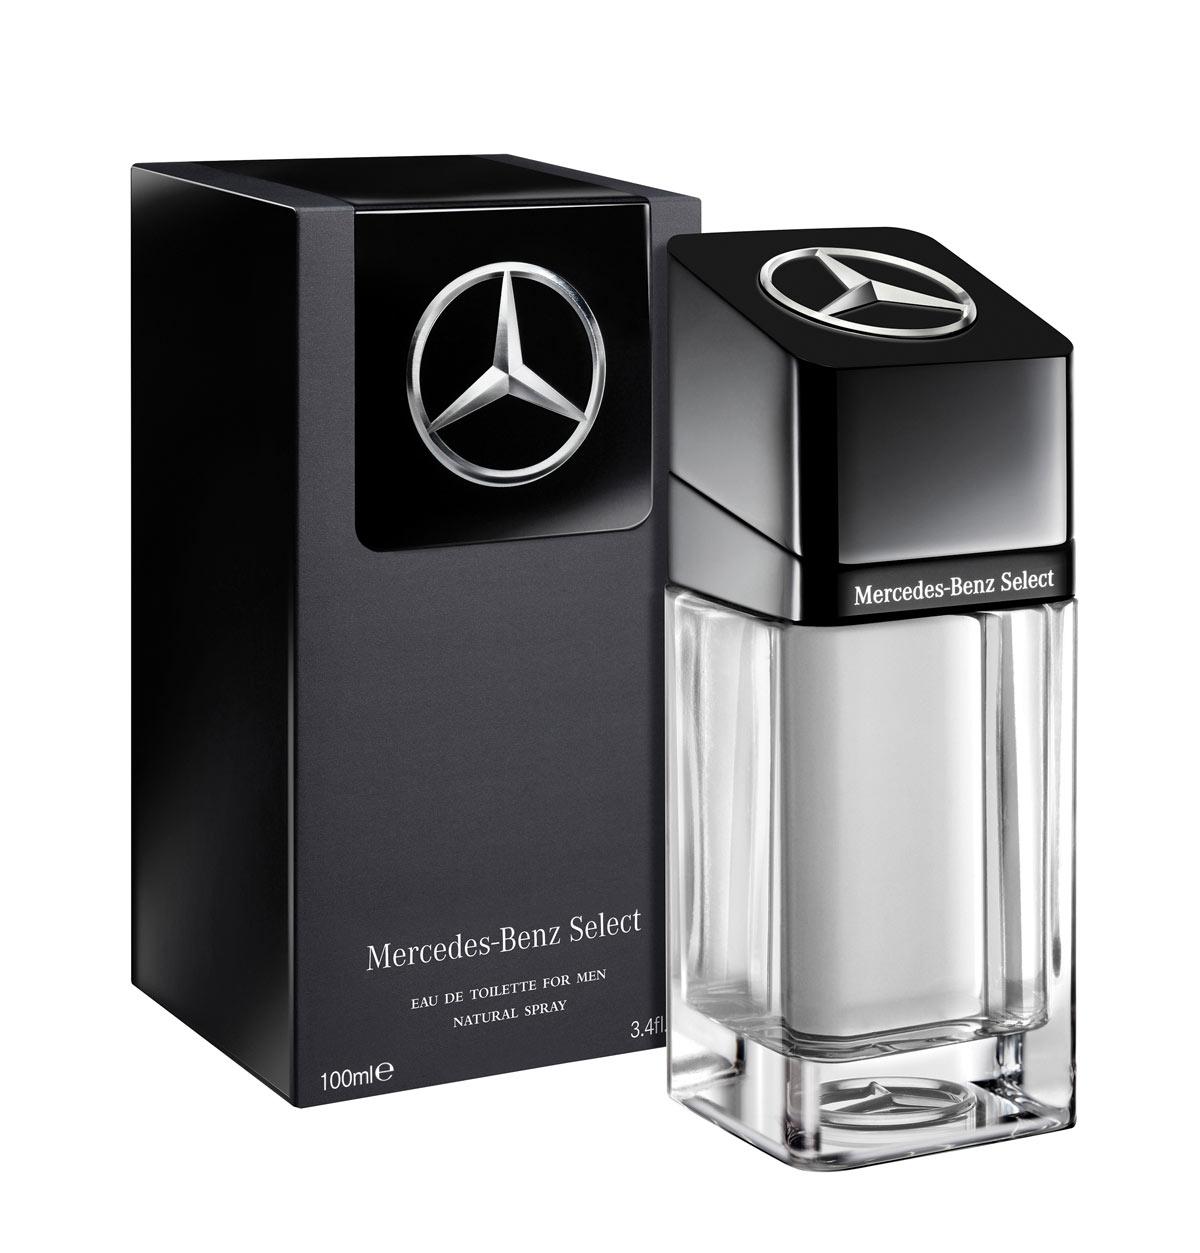 Mercedes Benz Select Mercedes Benz одеколон новый аромат для